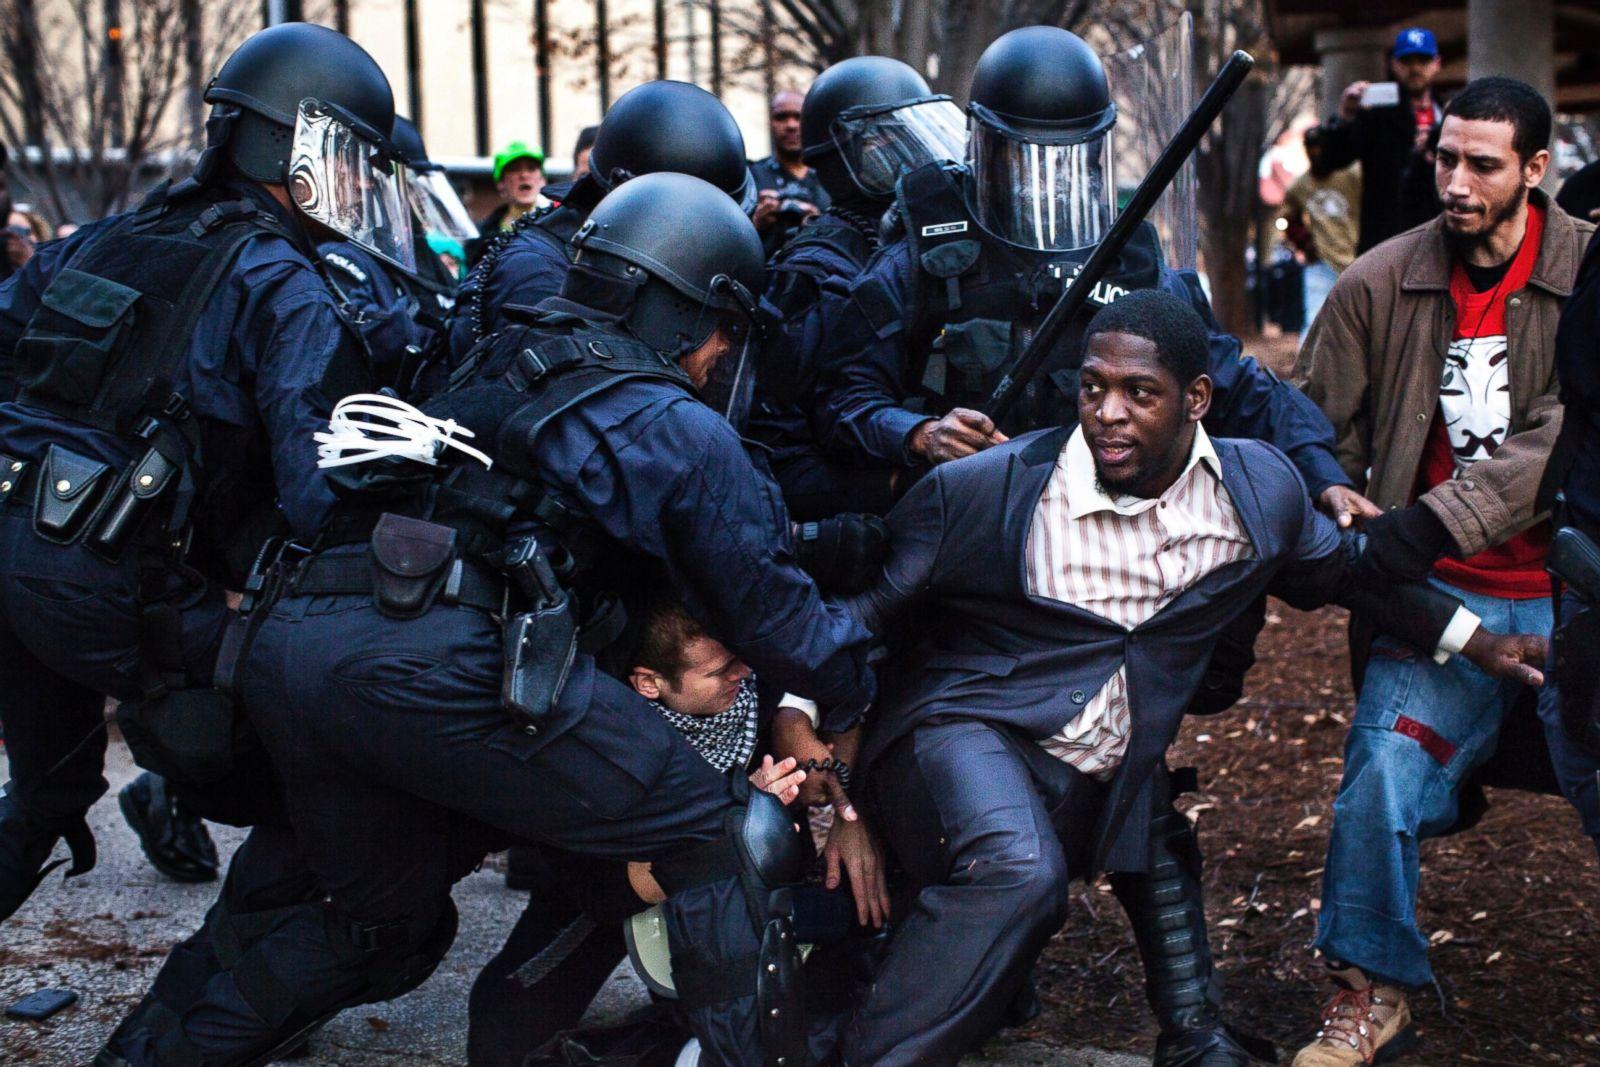 El obispo Derrick Robinson, que se había convertido en un líder notable entre los manifestantes de Ferguson, fue arrestado por la policía antidisturbios mientras protestaba en un parque público tras una marcha no violenta a las afueras de un partido de fútbol, el 30 de noviembre de 2014, en St. Louis. Fotografía: Natalie Keyssar